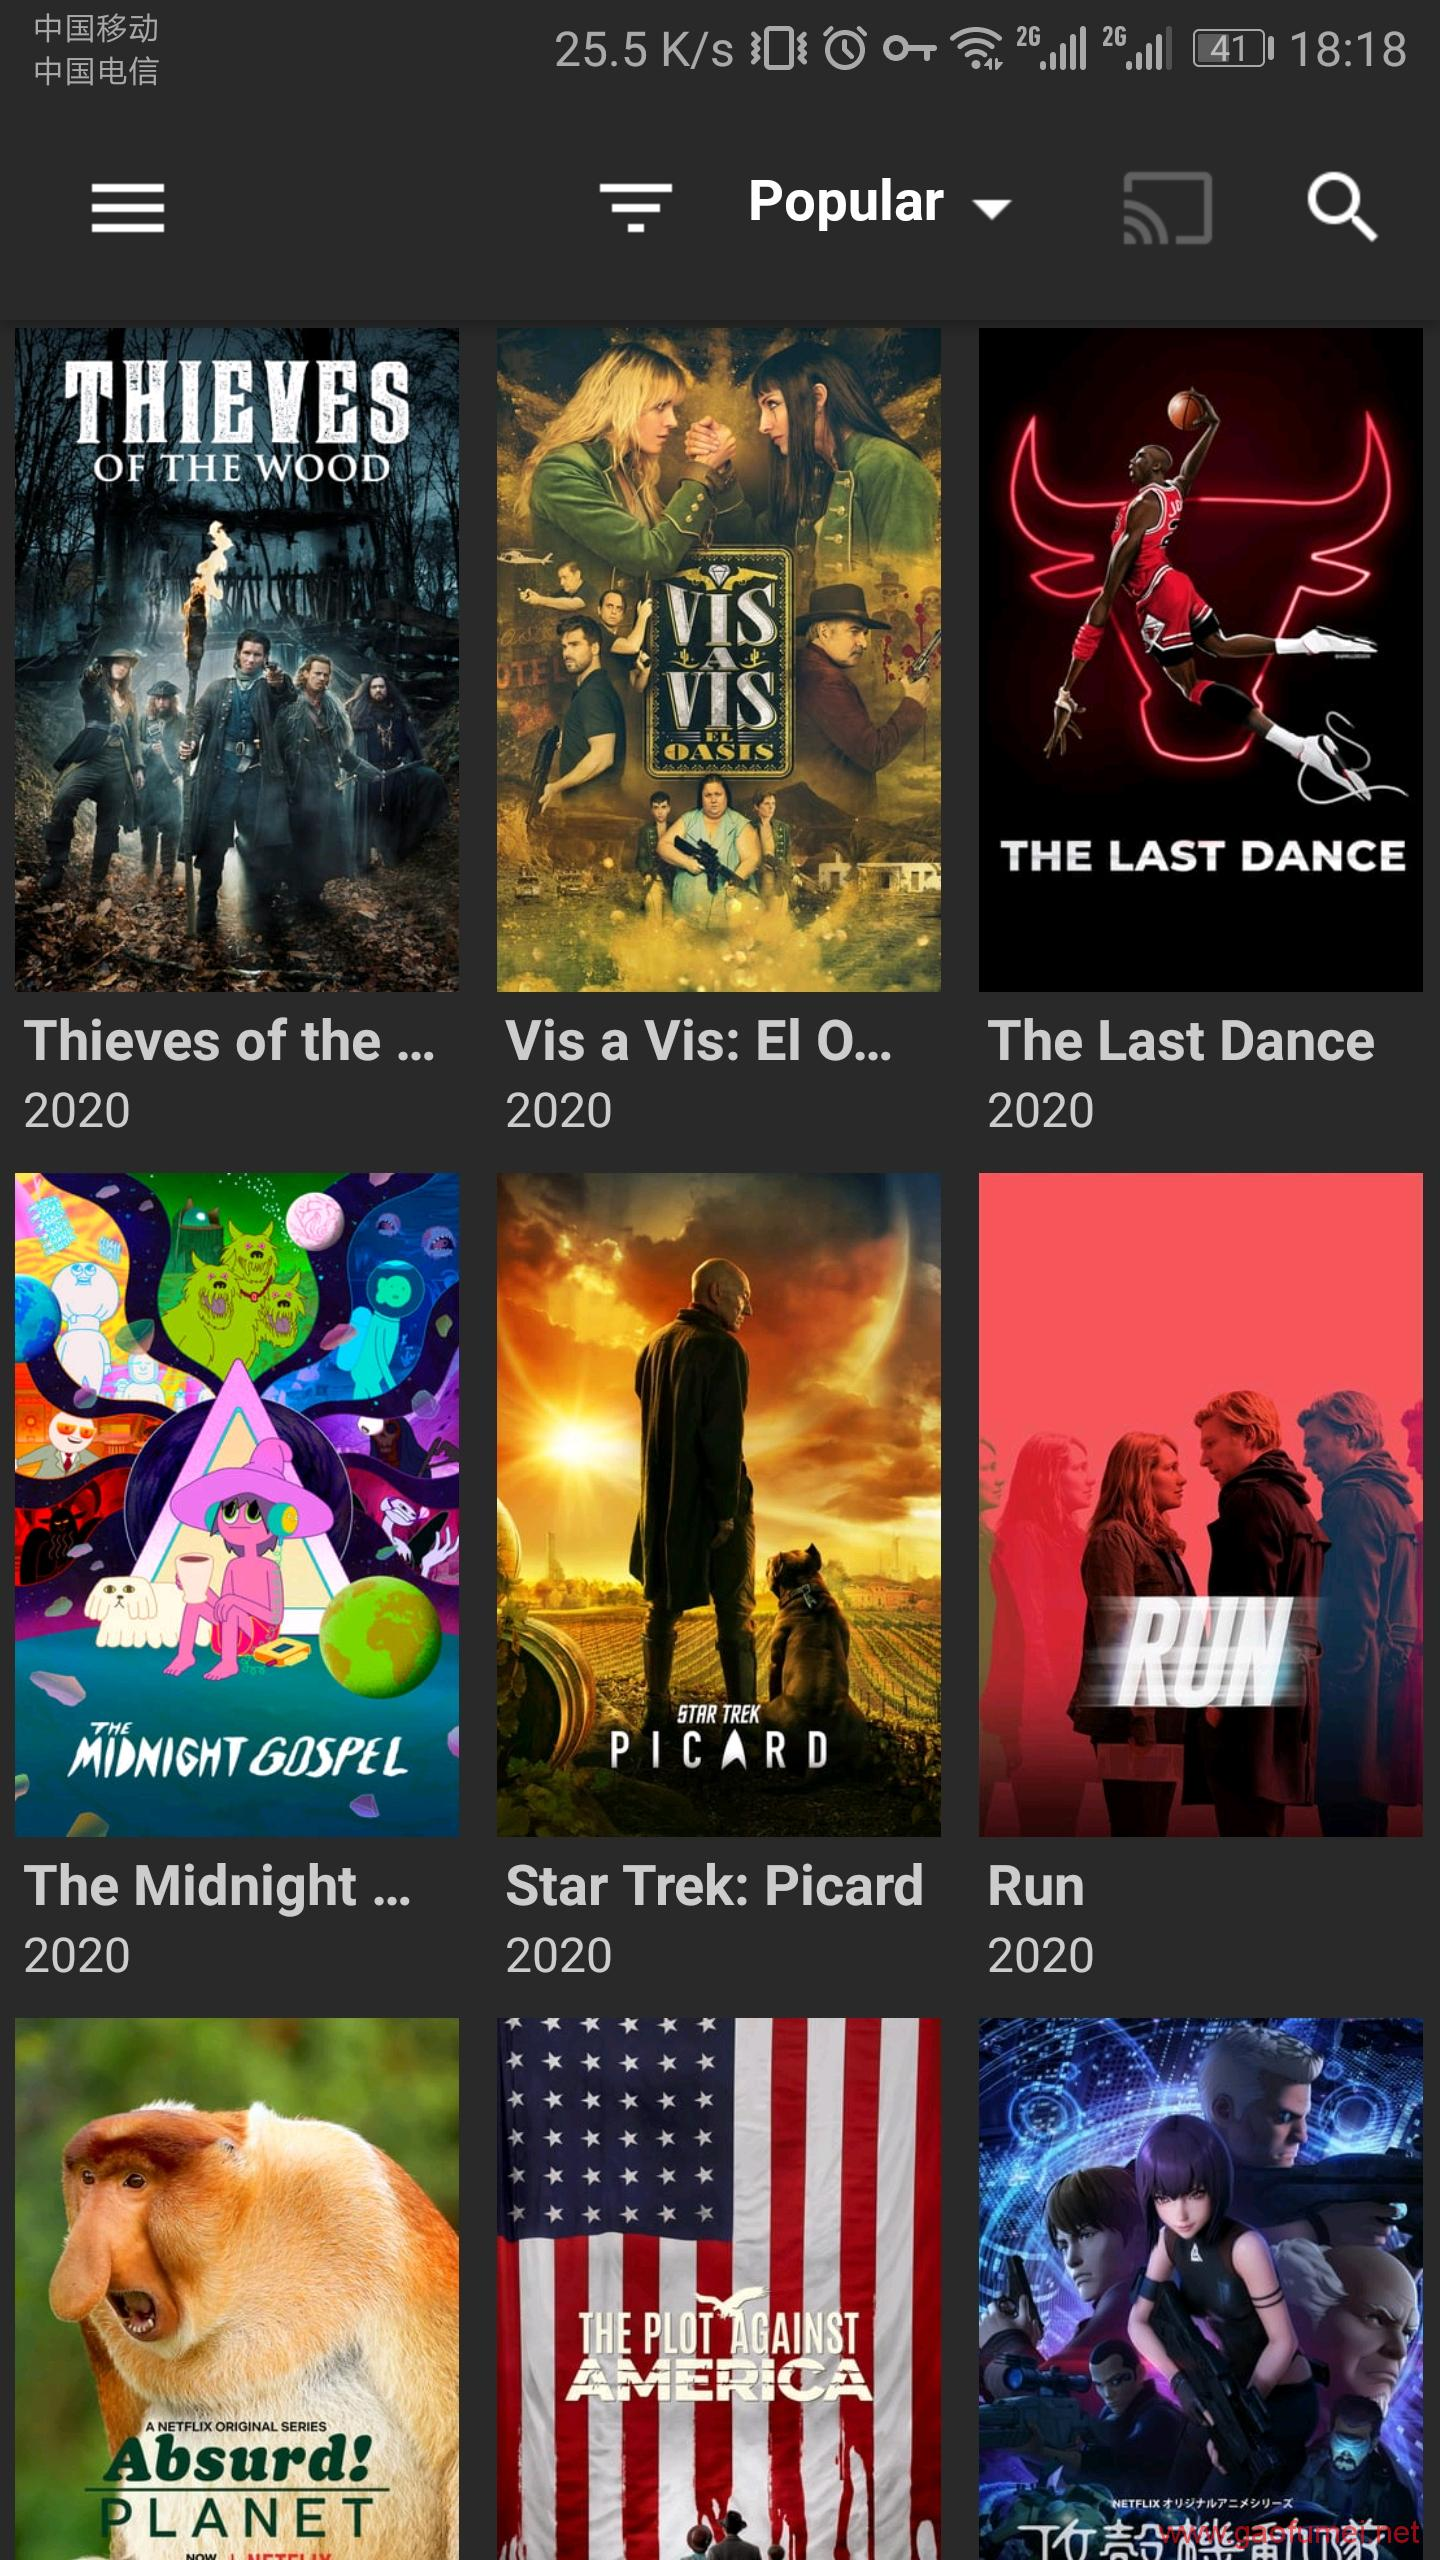 最新奈飞(Netflix)镜像APP:Netflix by APKFolks_7.49下载,亲测可用哦!